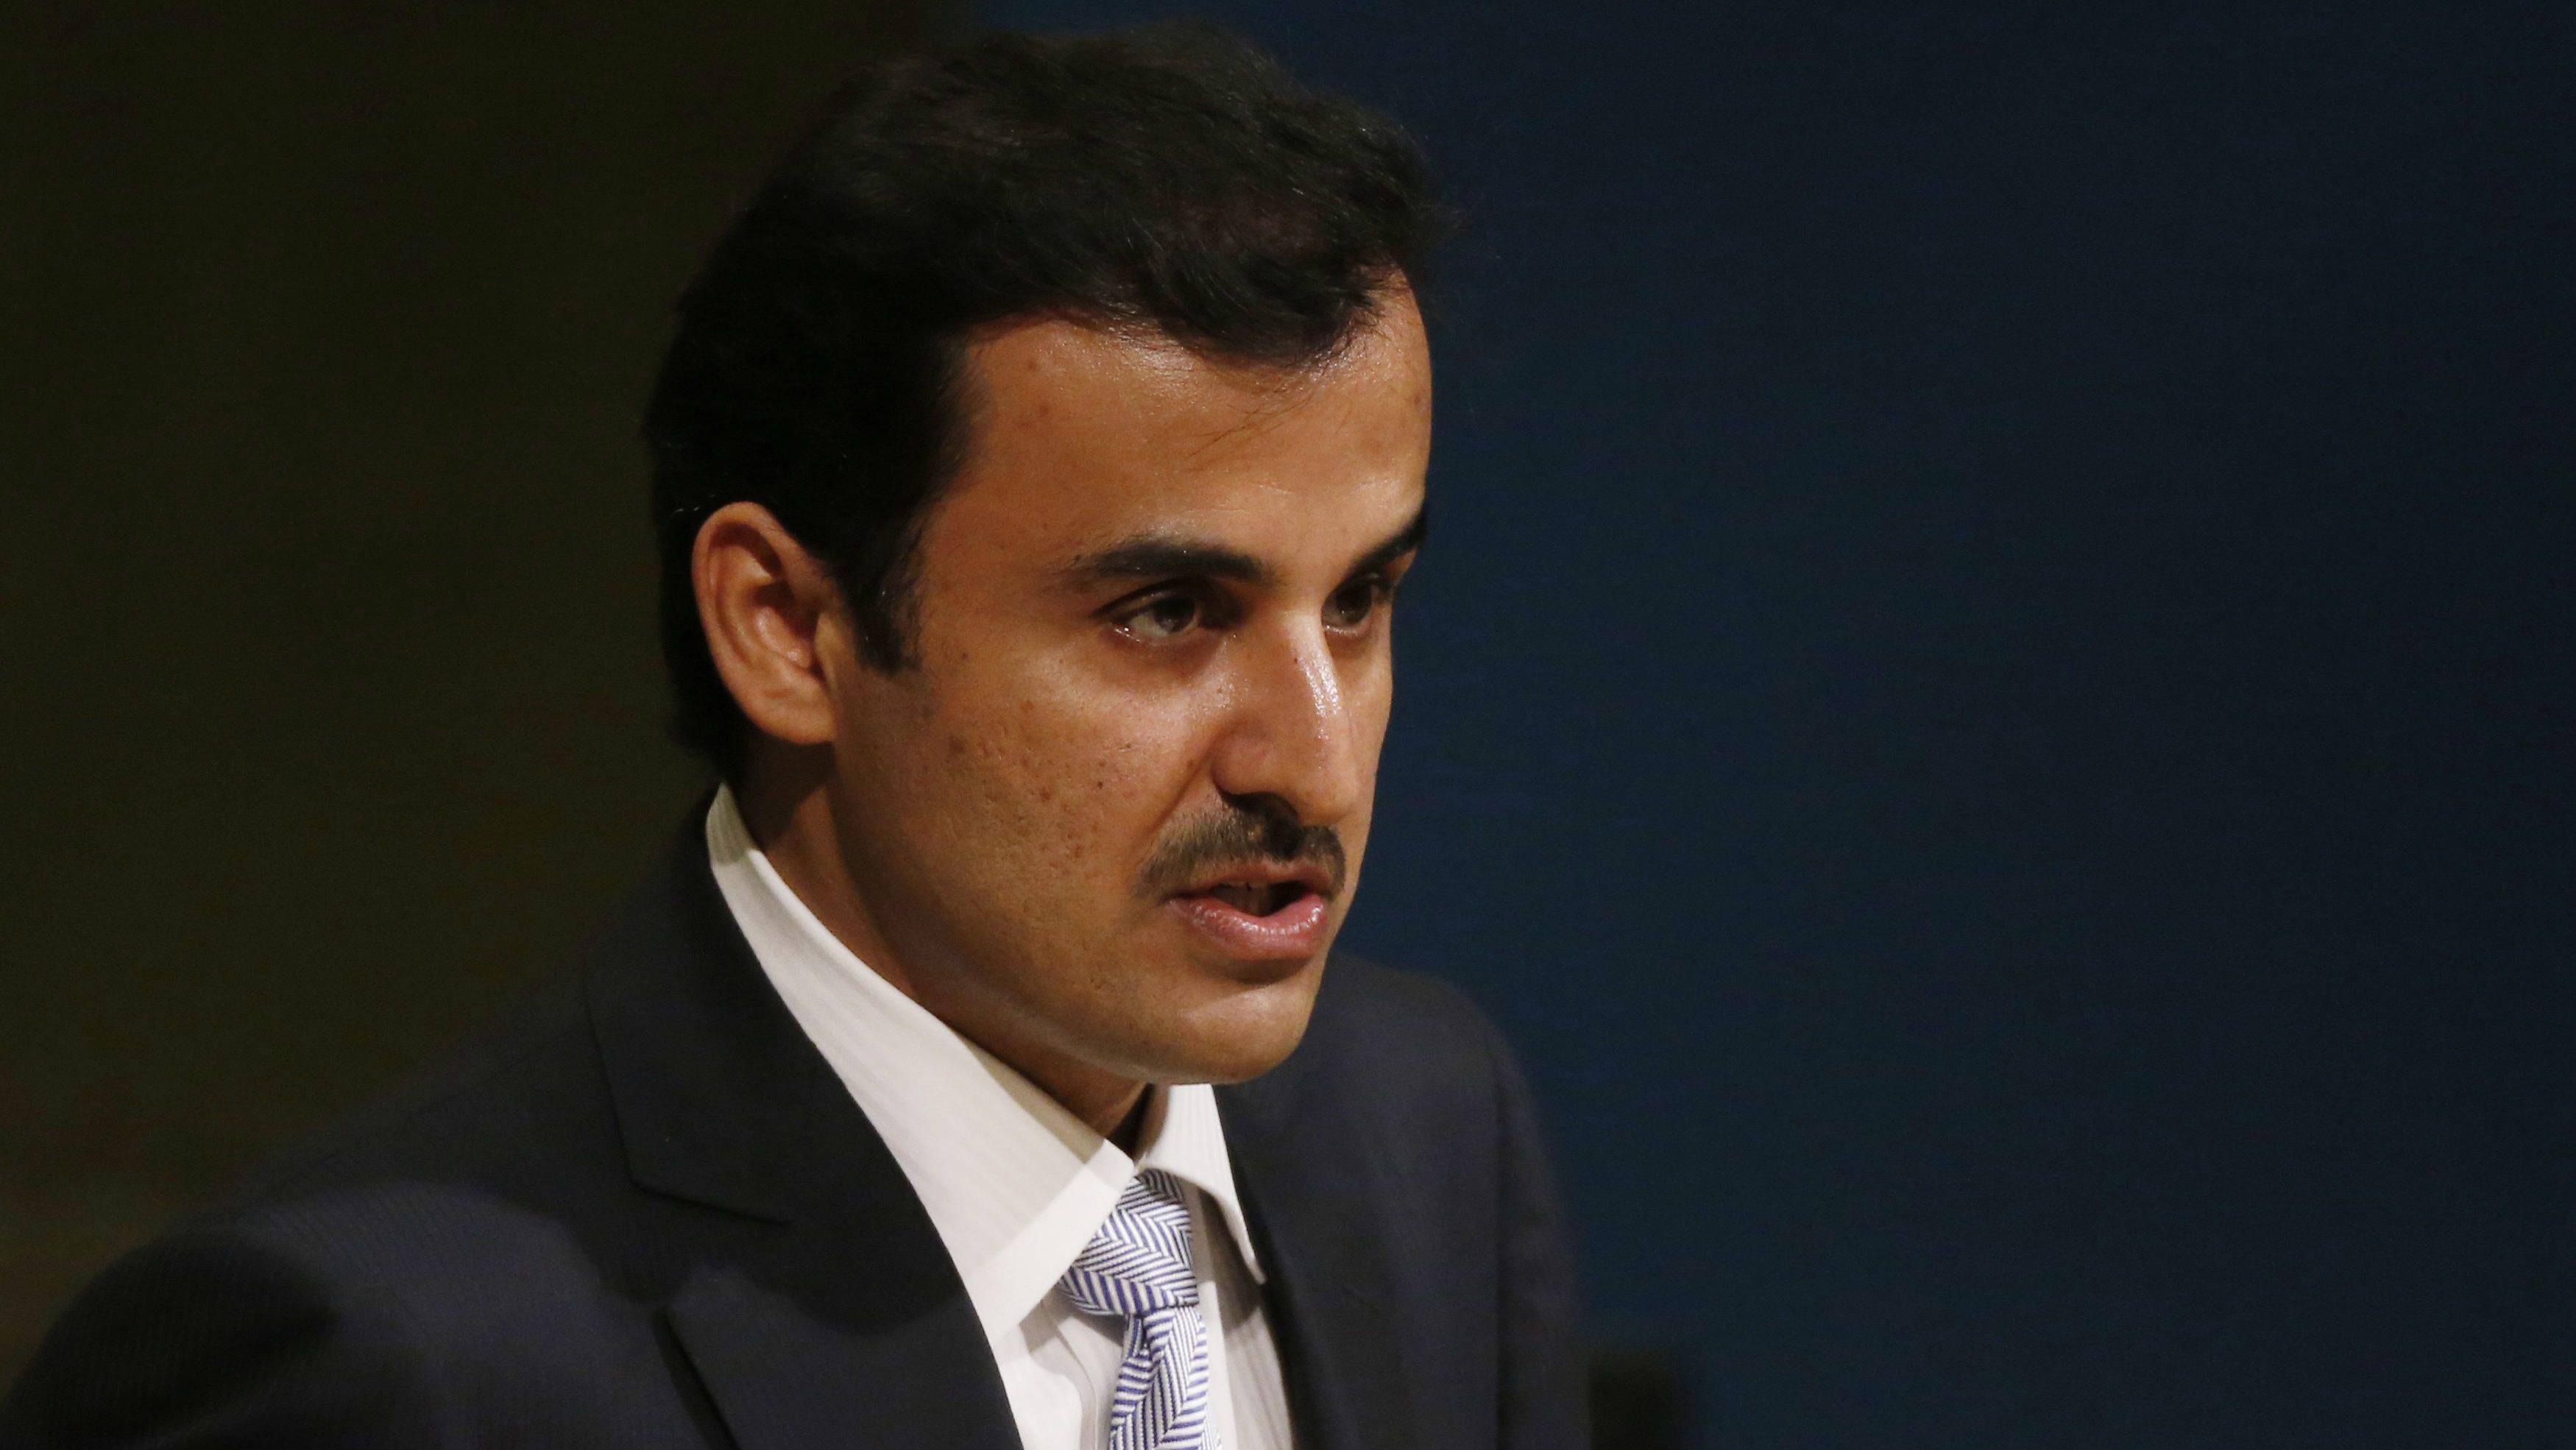 Qatari emir arrives in Tehran for talks amid US, Iran tensions